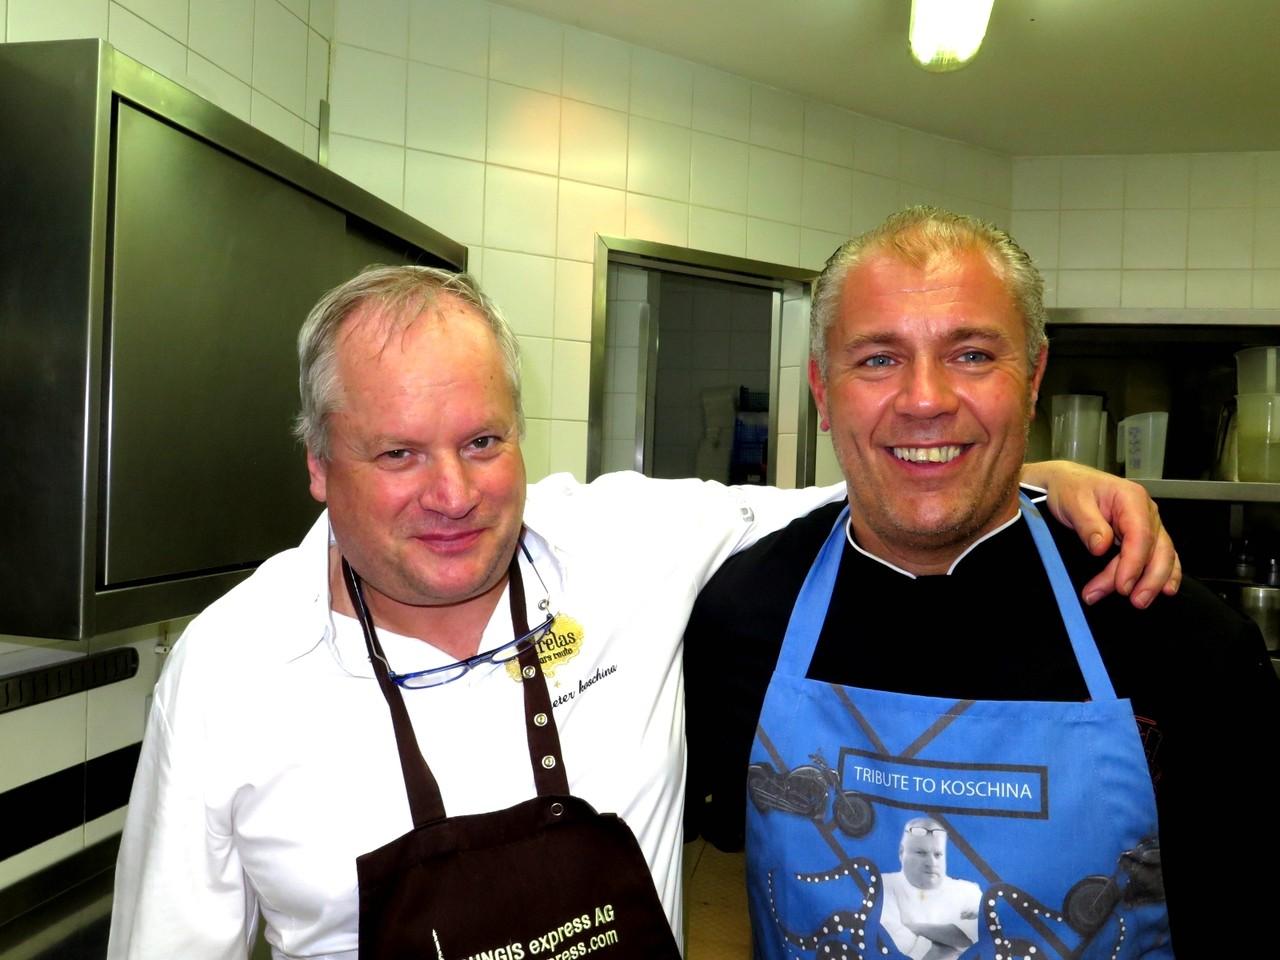 Dieter Koschina & Thomas Klug